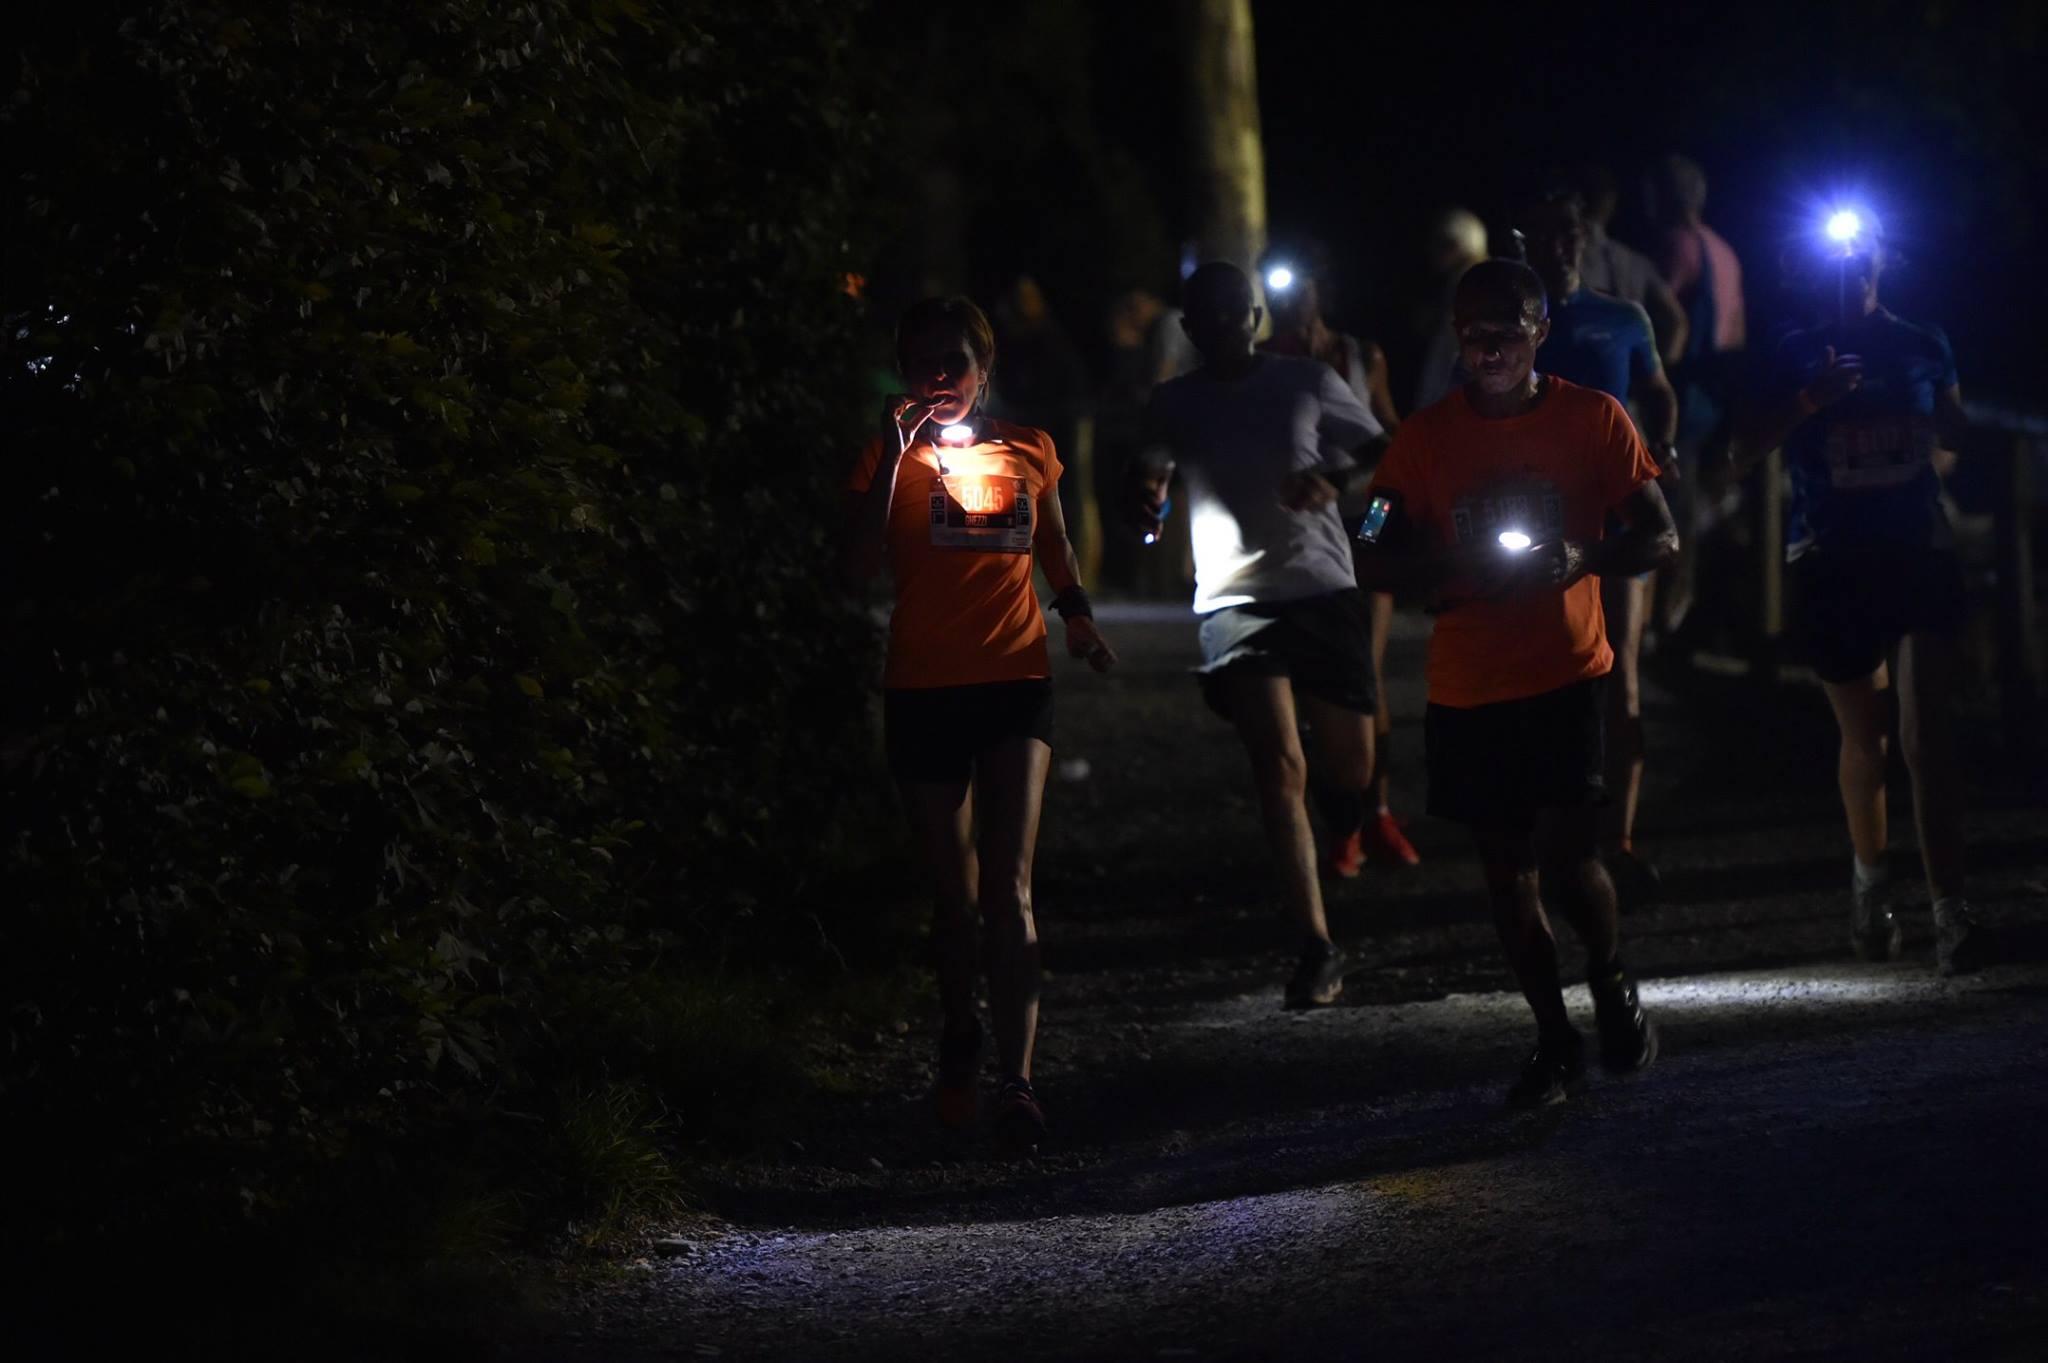 4 romani continua ultramaratonul Orobie Ultra Trail. 61 de sportivi au abandonat pe parcursul noptii